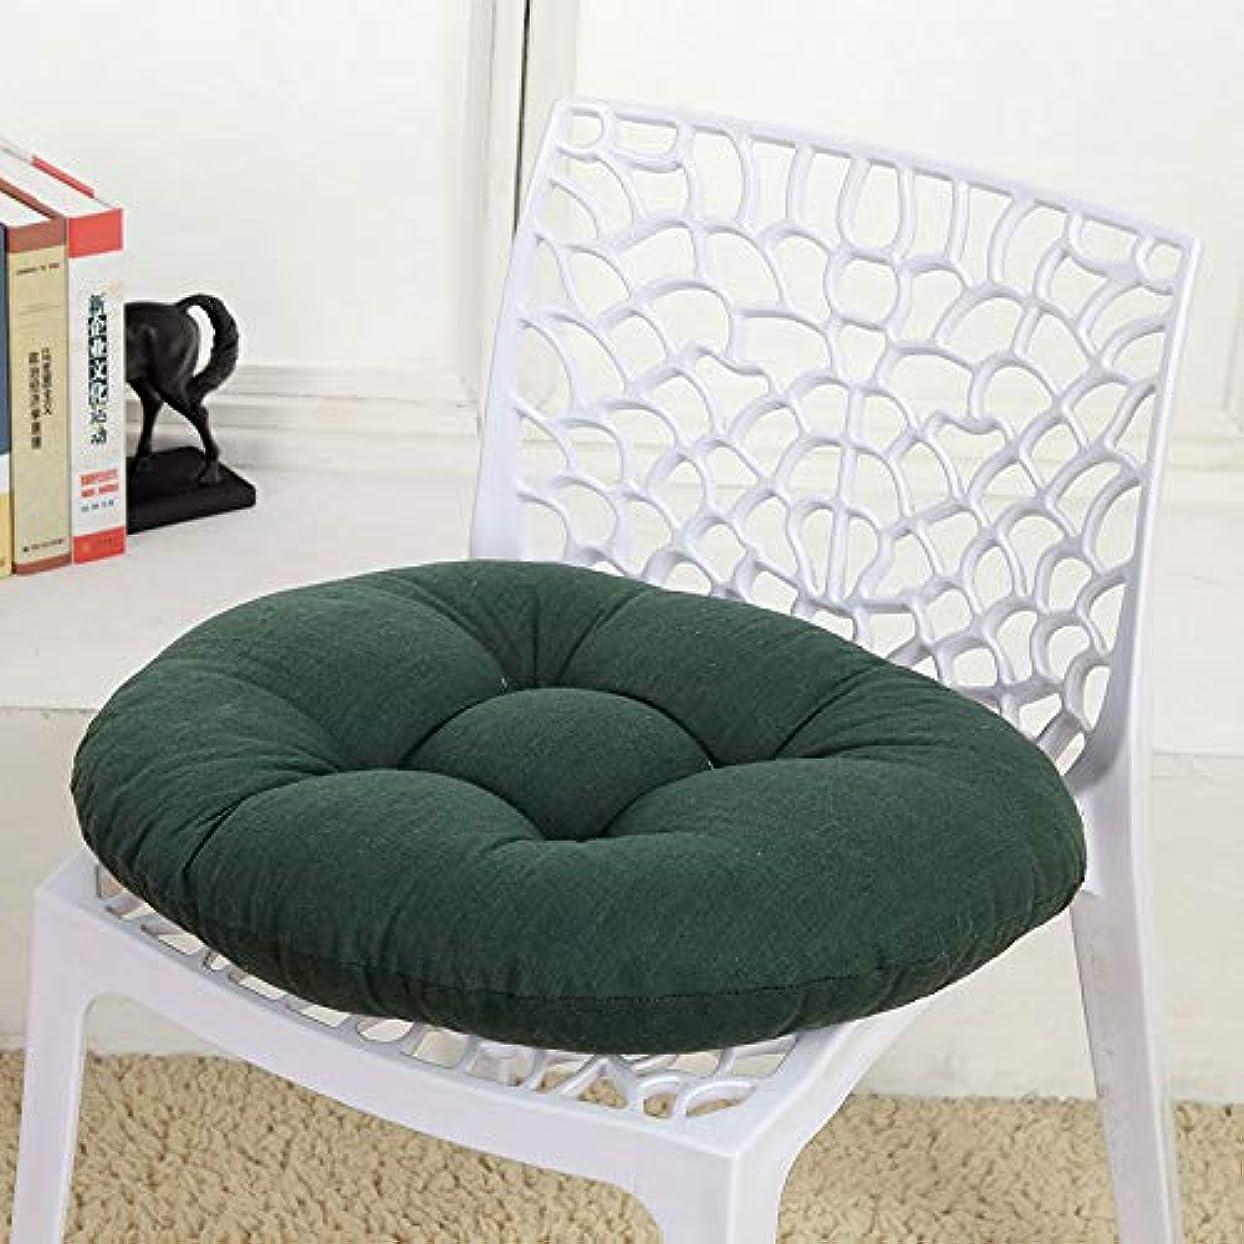 ノミネート海里口頭LIFE キャンディカラーのクッションラウンドシートクッション波ウィンドウシートクッションクッション家の装飾パッドラウンド枕シート枕椅子座る枕 クッション 椅子